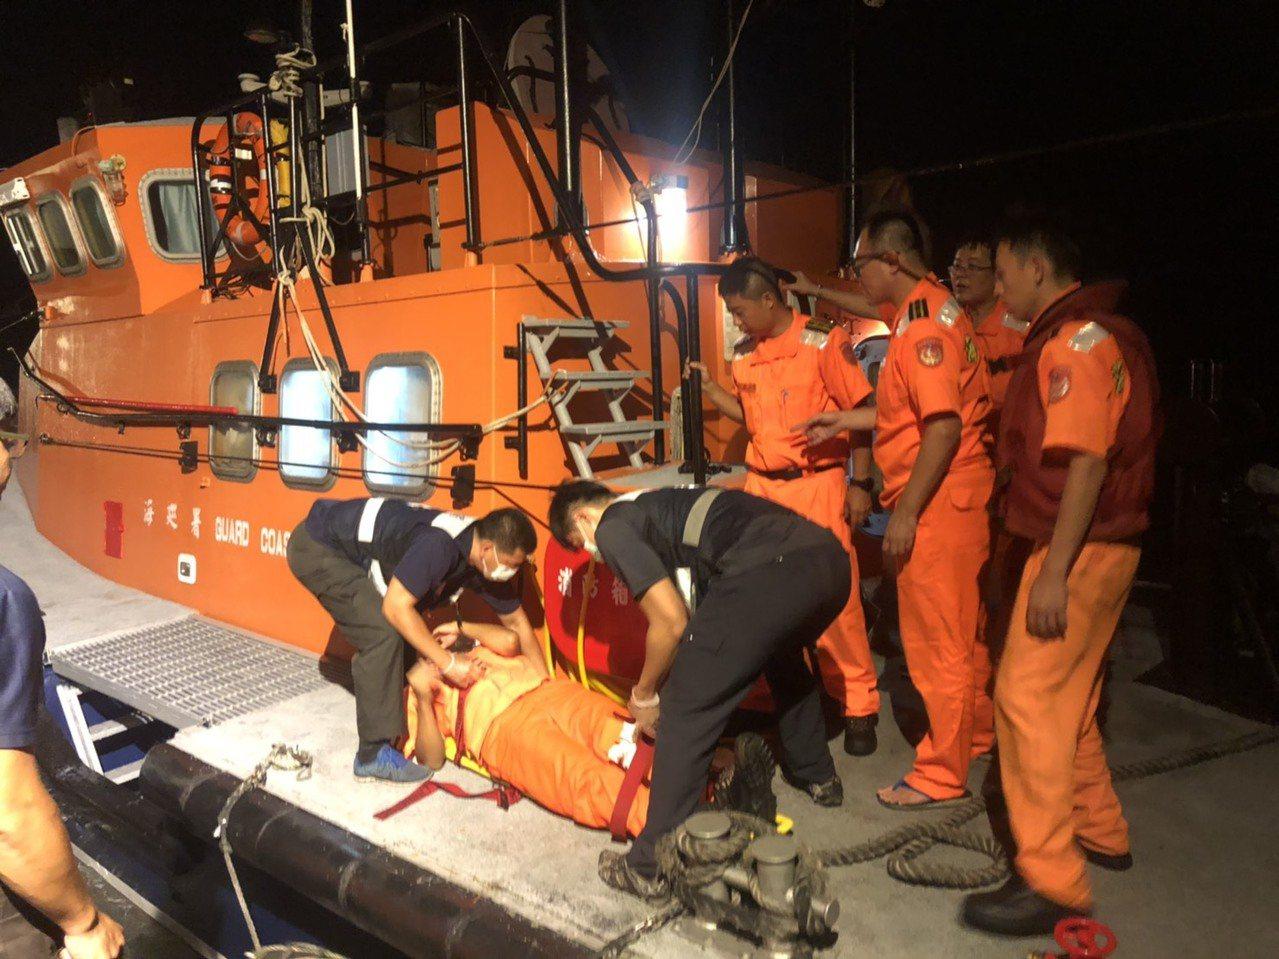 金門海巡隊幹員深夜賣命跳船登檢大陸漁船,因重落地,造成有2幹員膝蓋骨受到輕重傷,...